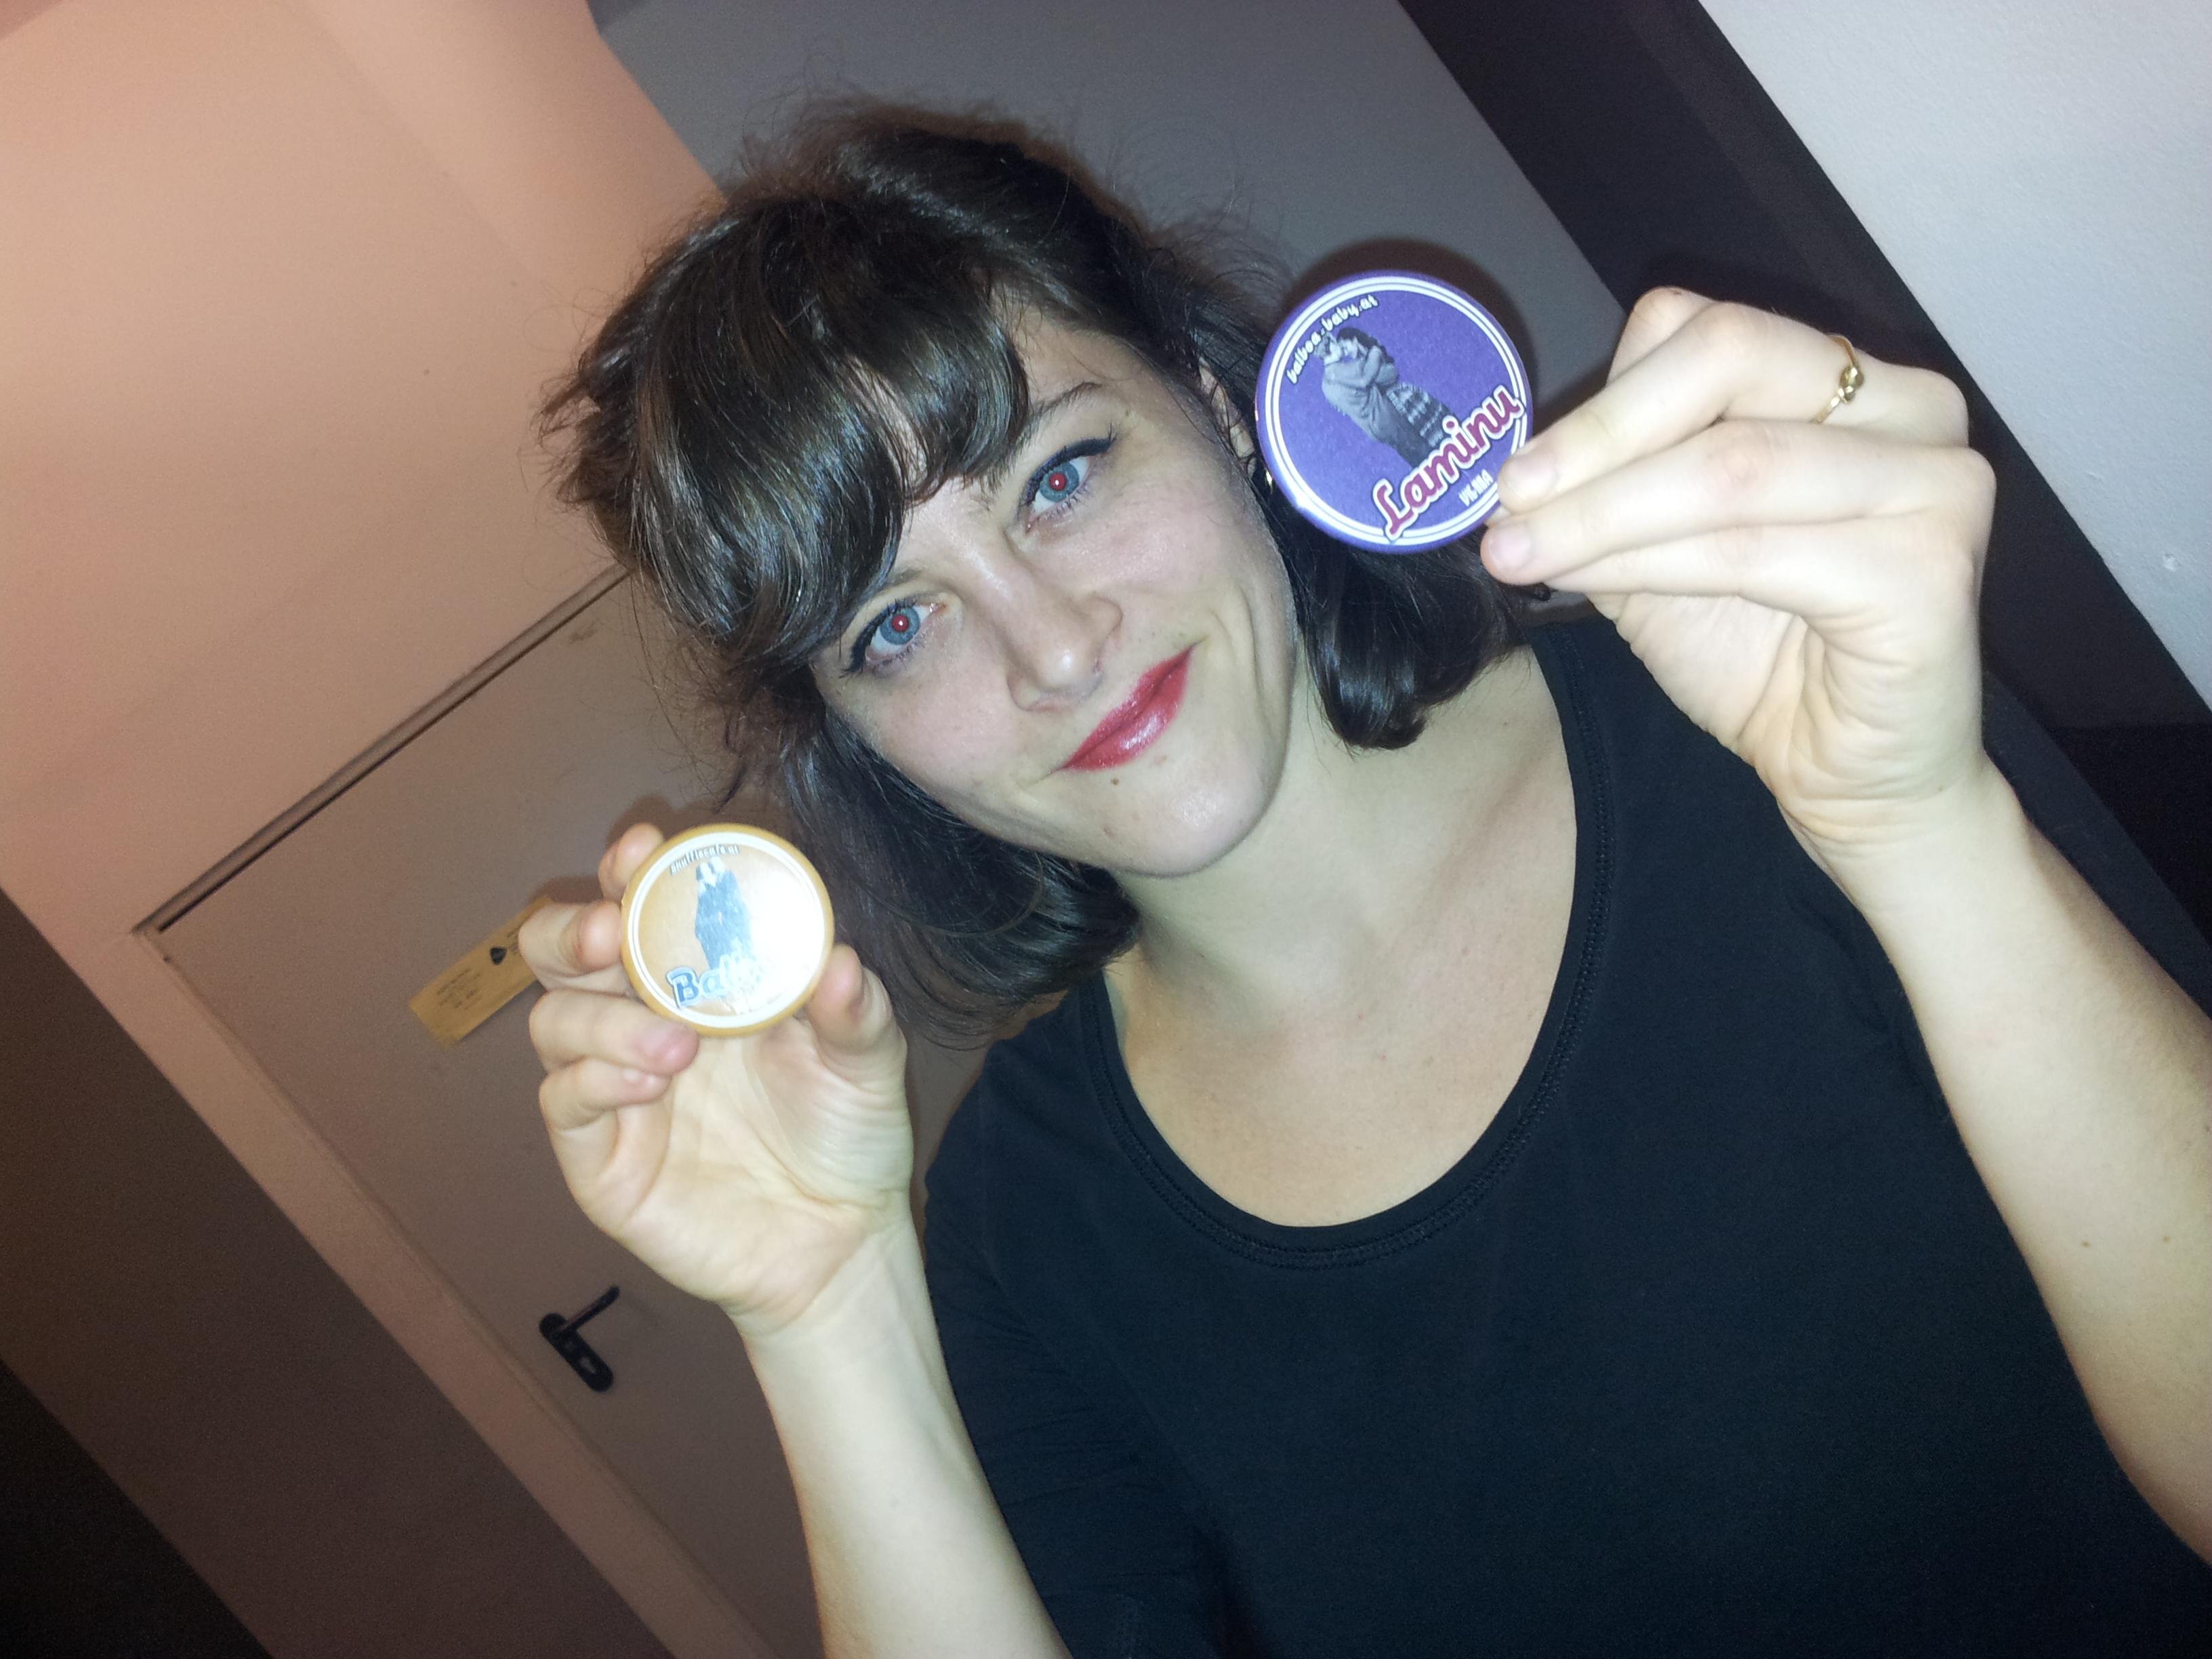 Simona holding Balboa and Laminu Badges